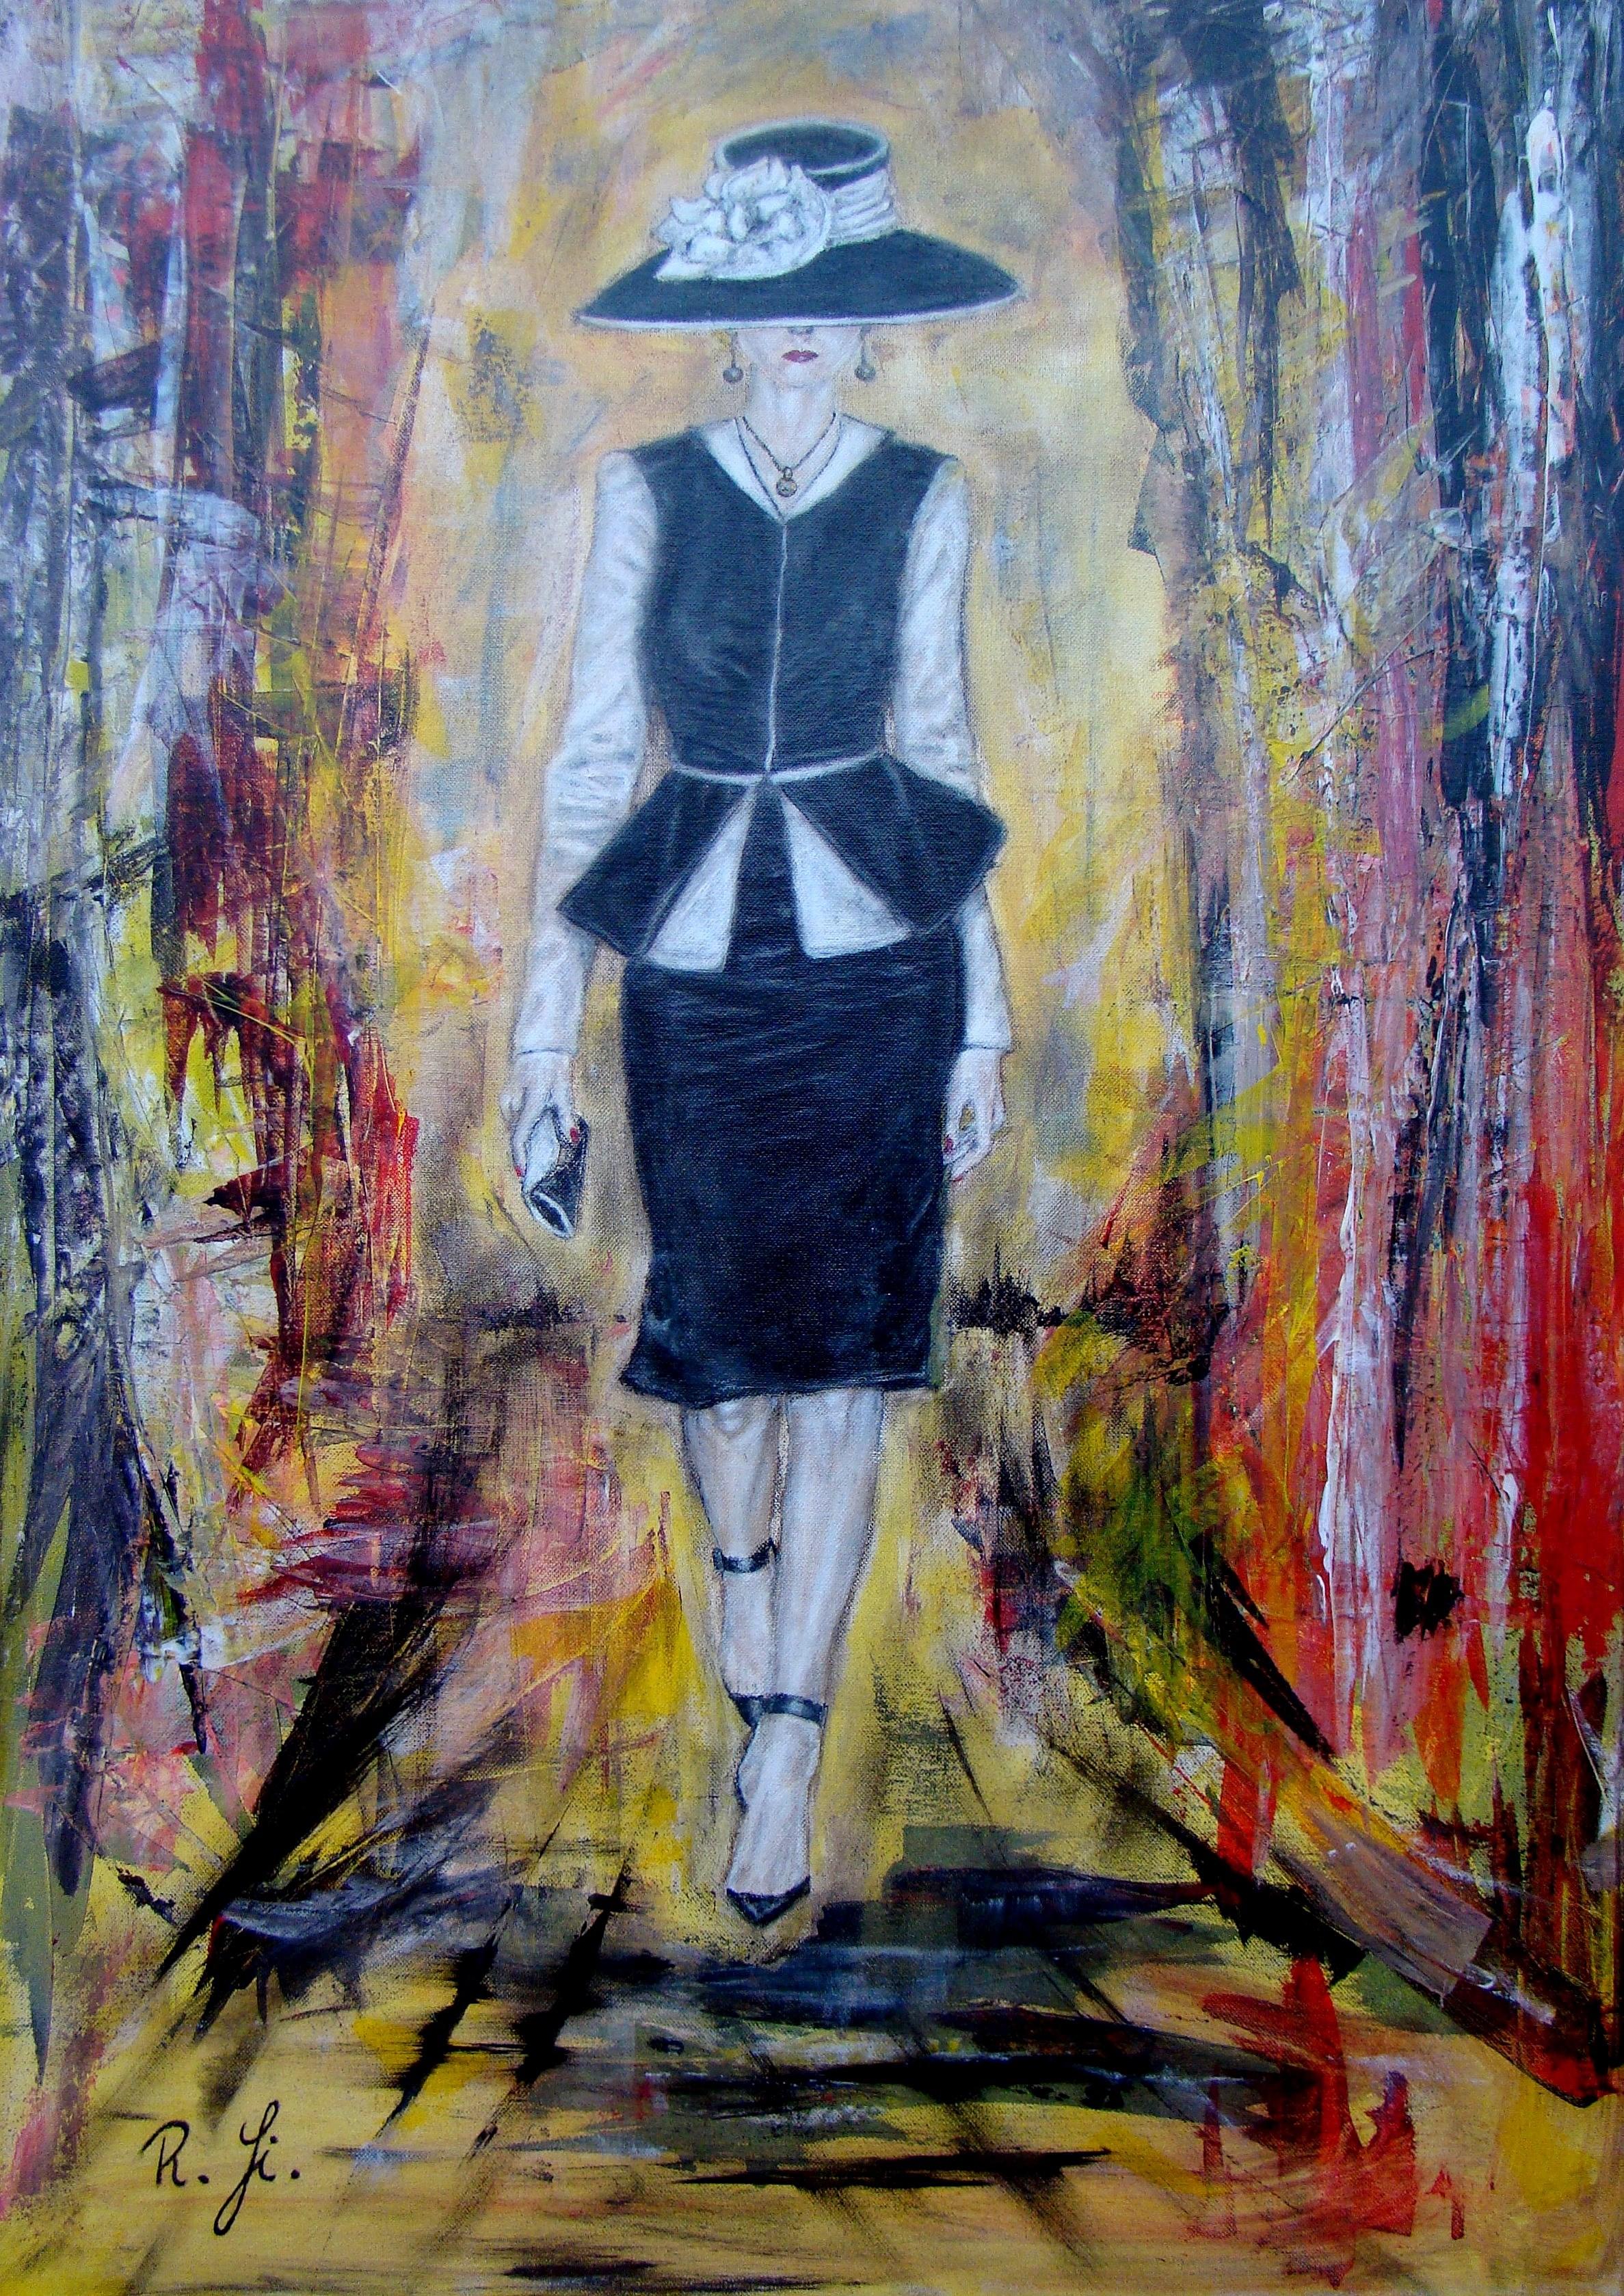 Woman-Mischtechnik-auf-Leinwand-60-x-90-cm